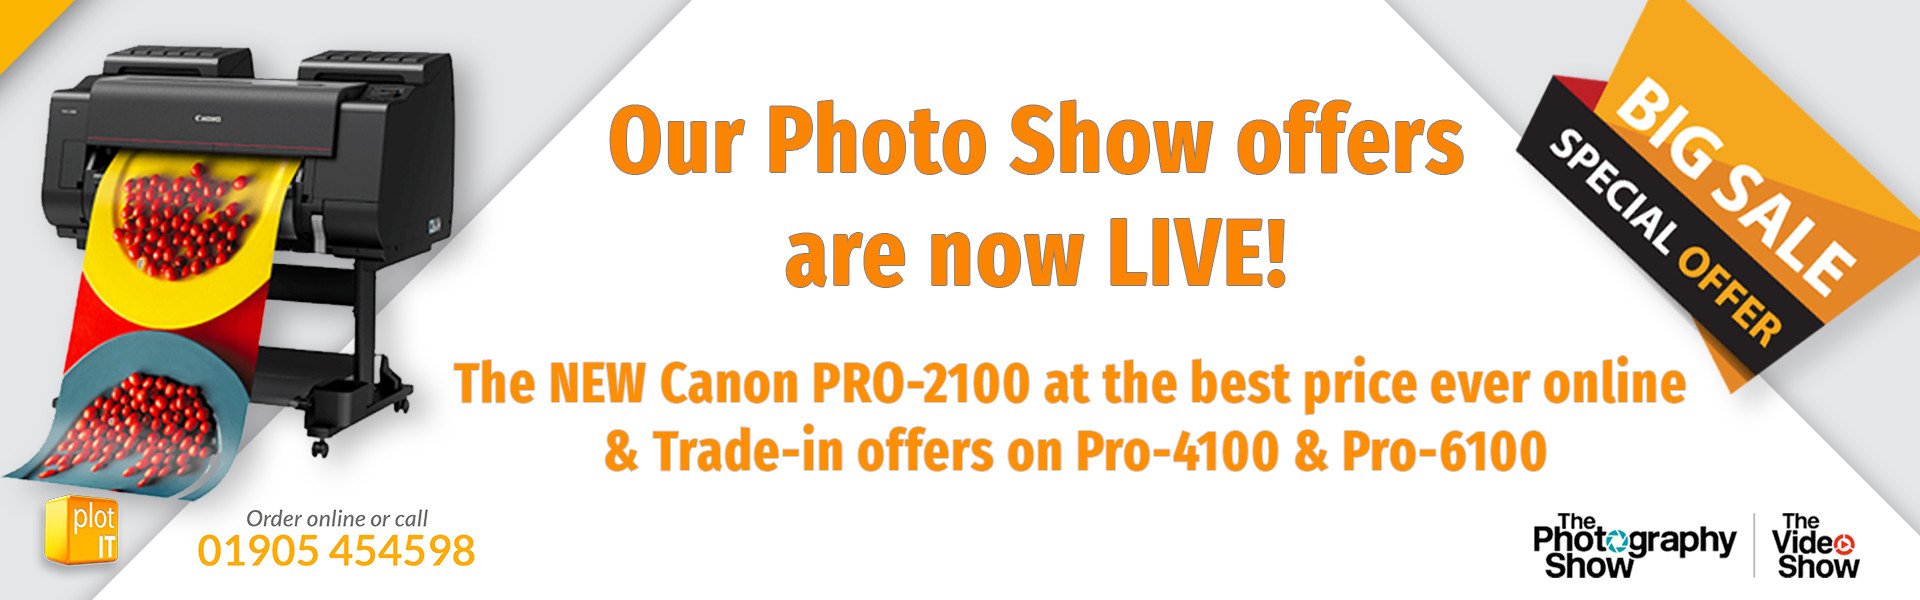 Canon imagePROGRAF Pro-2100 Pro-4100